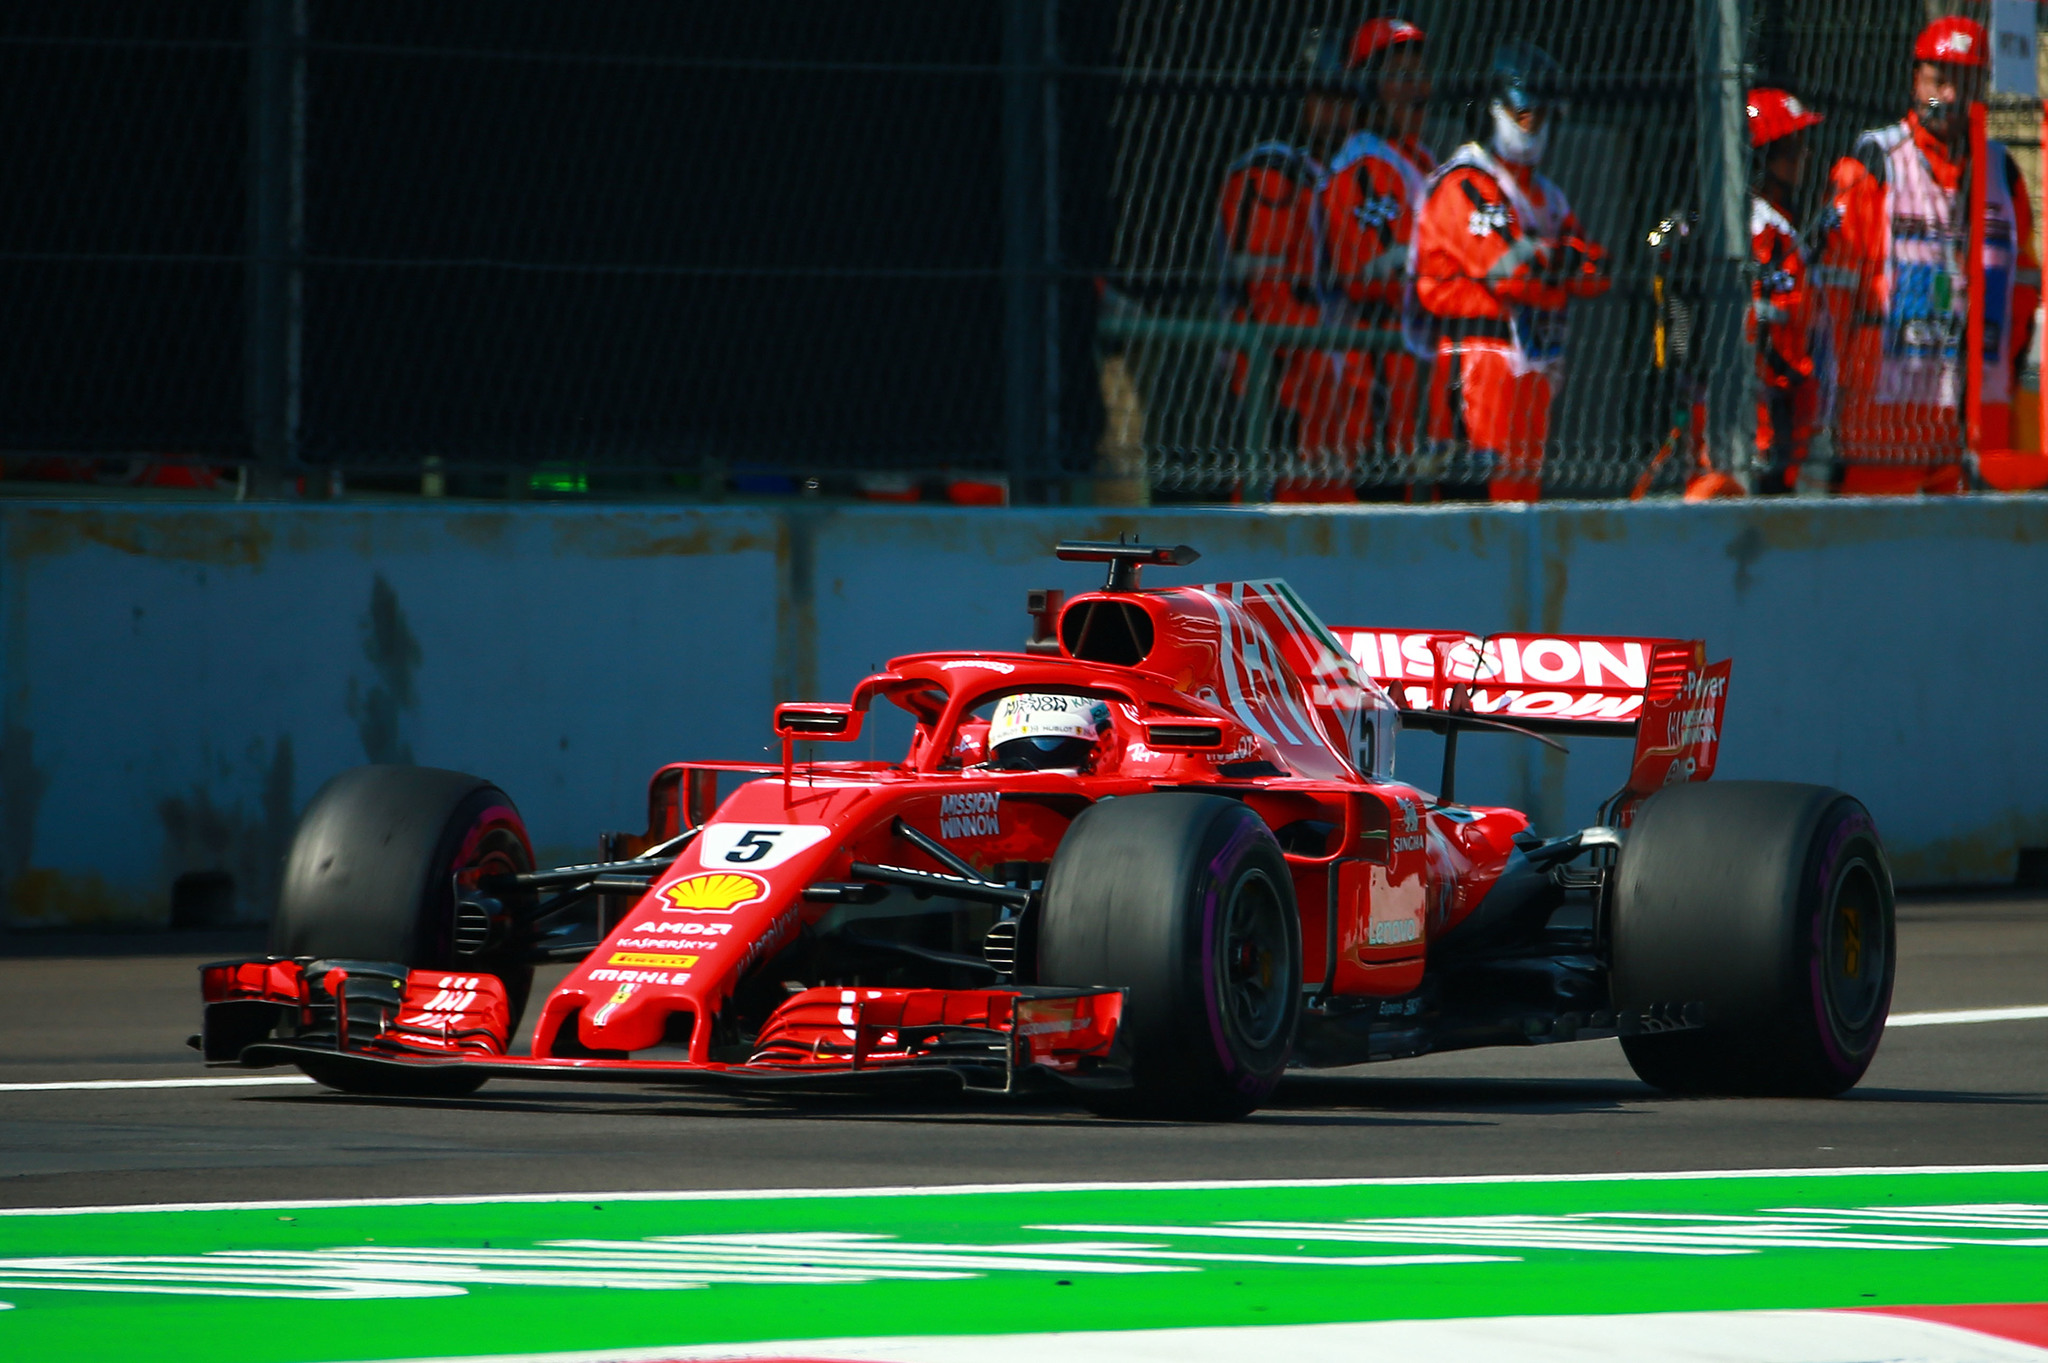 Gran Premio México F1 2018  El GP de México se viste de rojo Ferrari ... 107151c2999